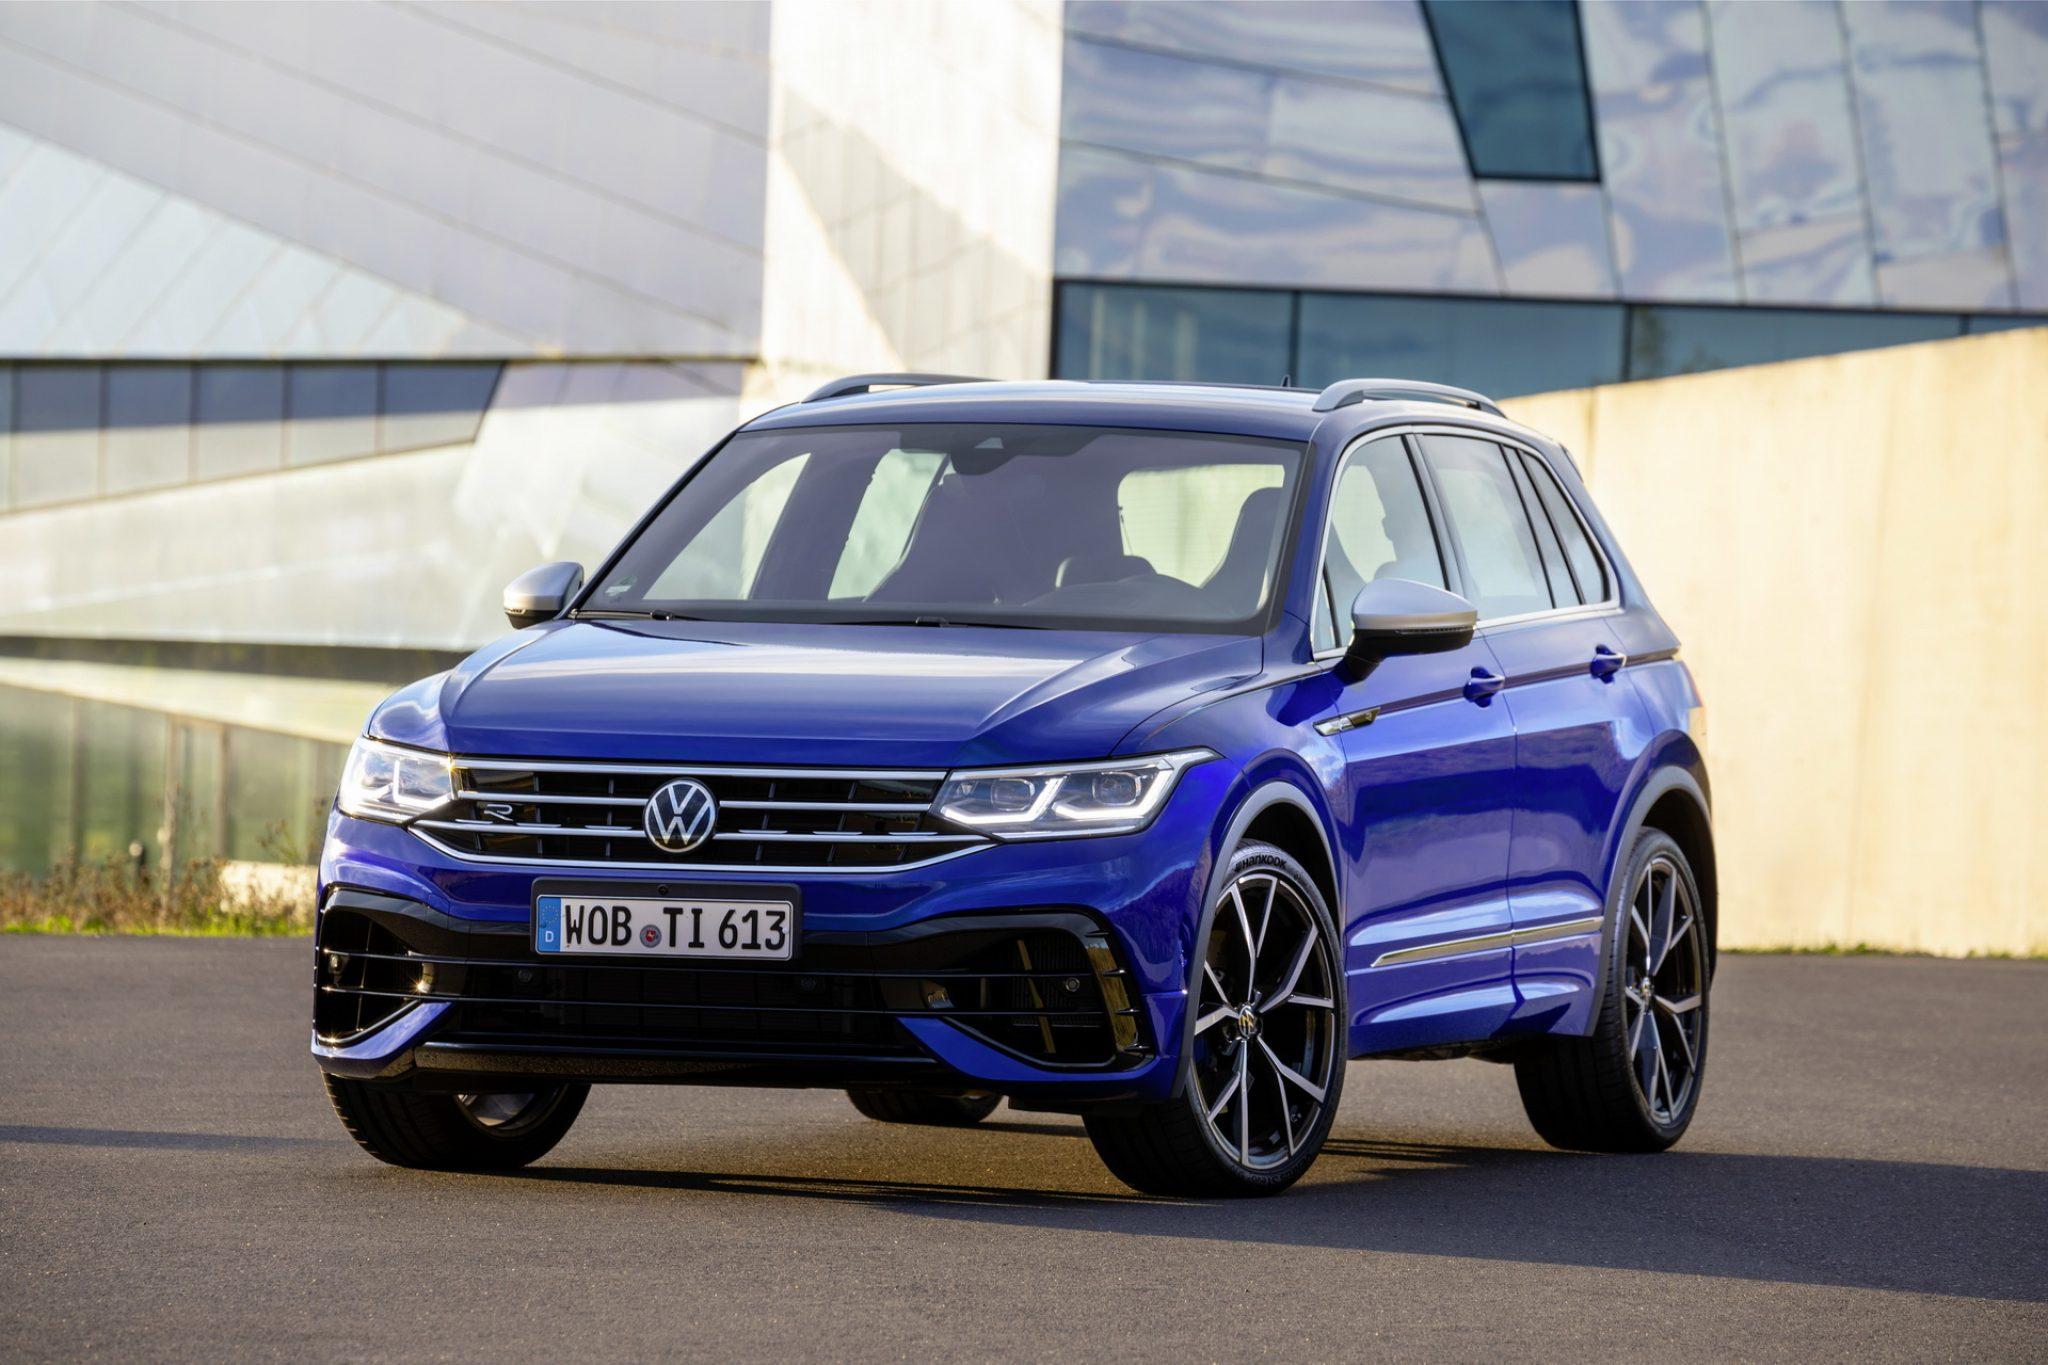 2021 Volkswagen Tiguan R Preis, technische Daten ...